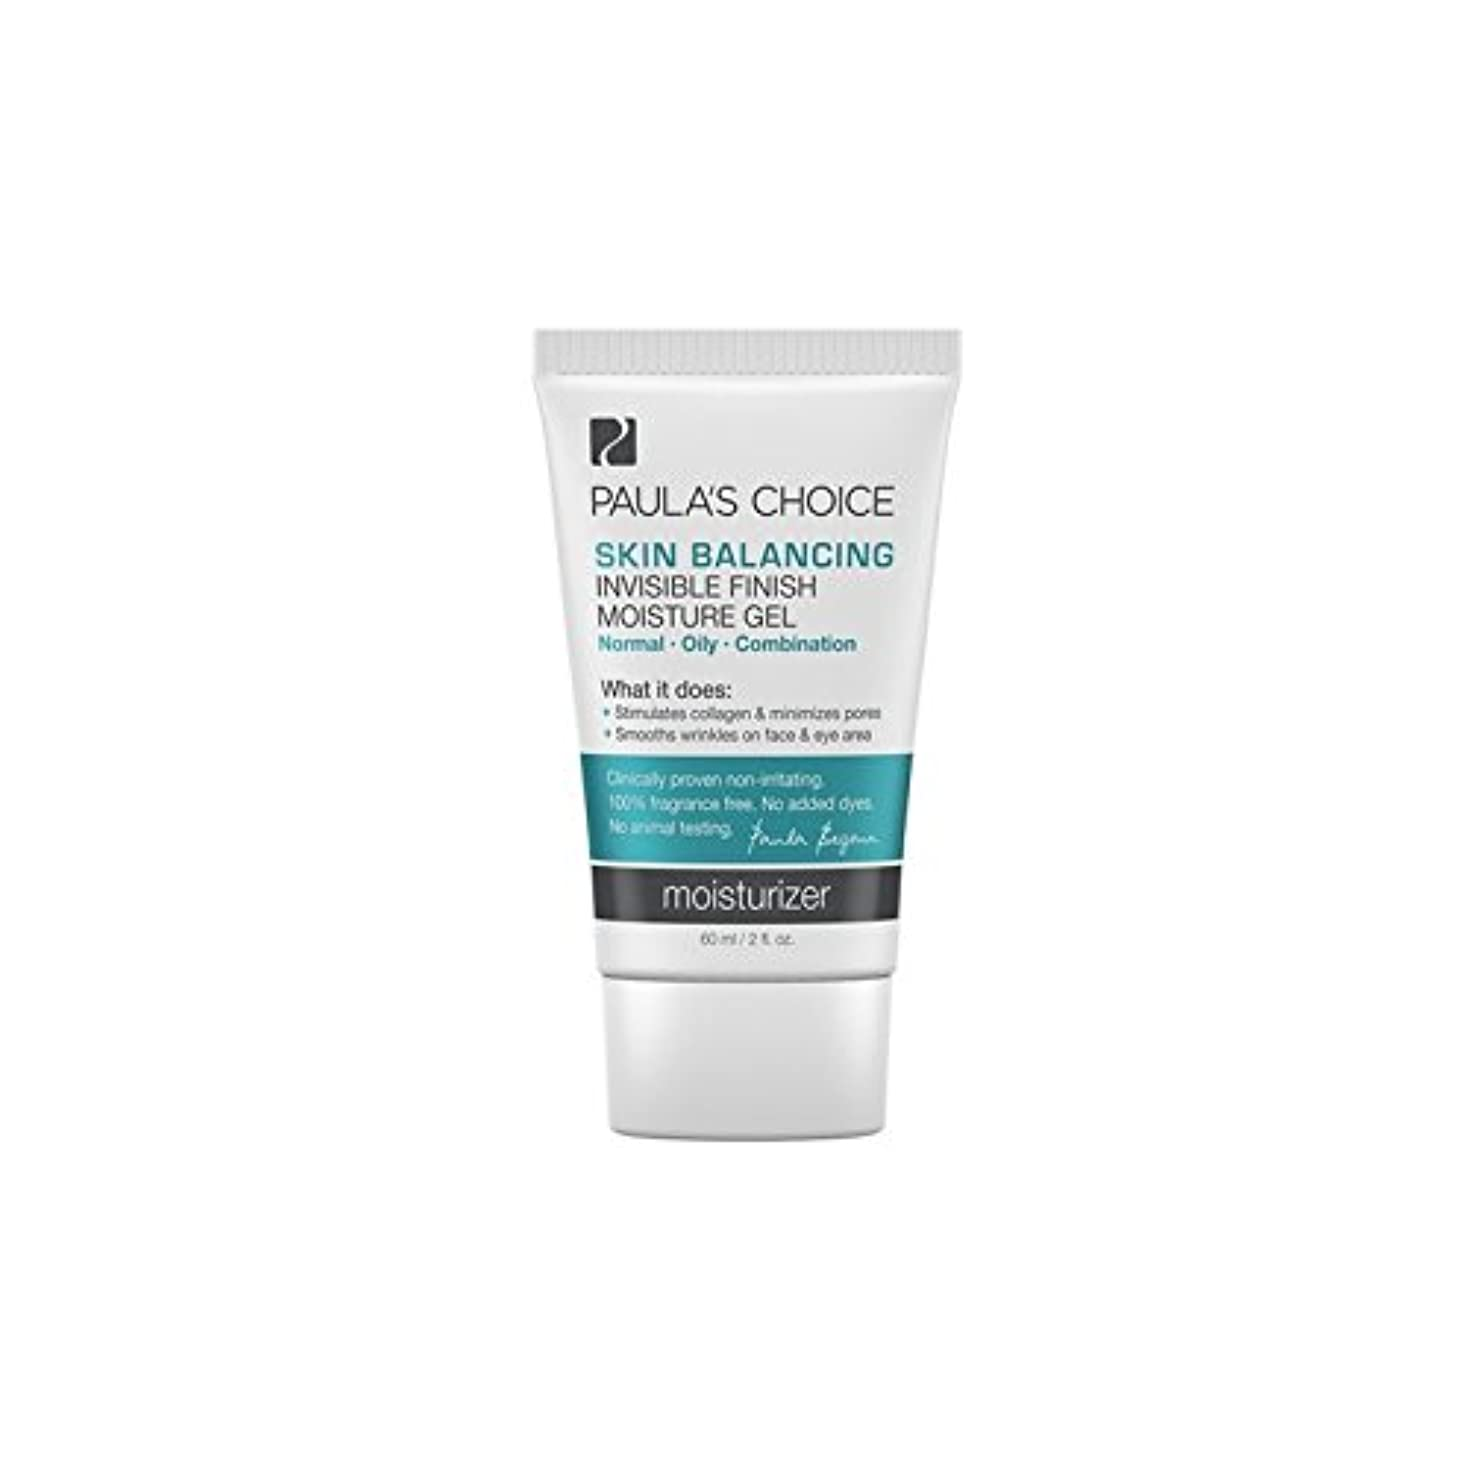 バース溶けたスパイラルポーラチョイスの肌のバランス目に見えない仕上がり水分ゲル(60ミリリットル) x4 - Paula's Choice Skin Balancing Invisible Finish Moisture Gel (60ml) (Pack of 4) [並行輸入品]